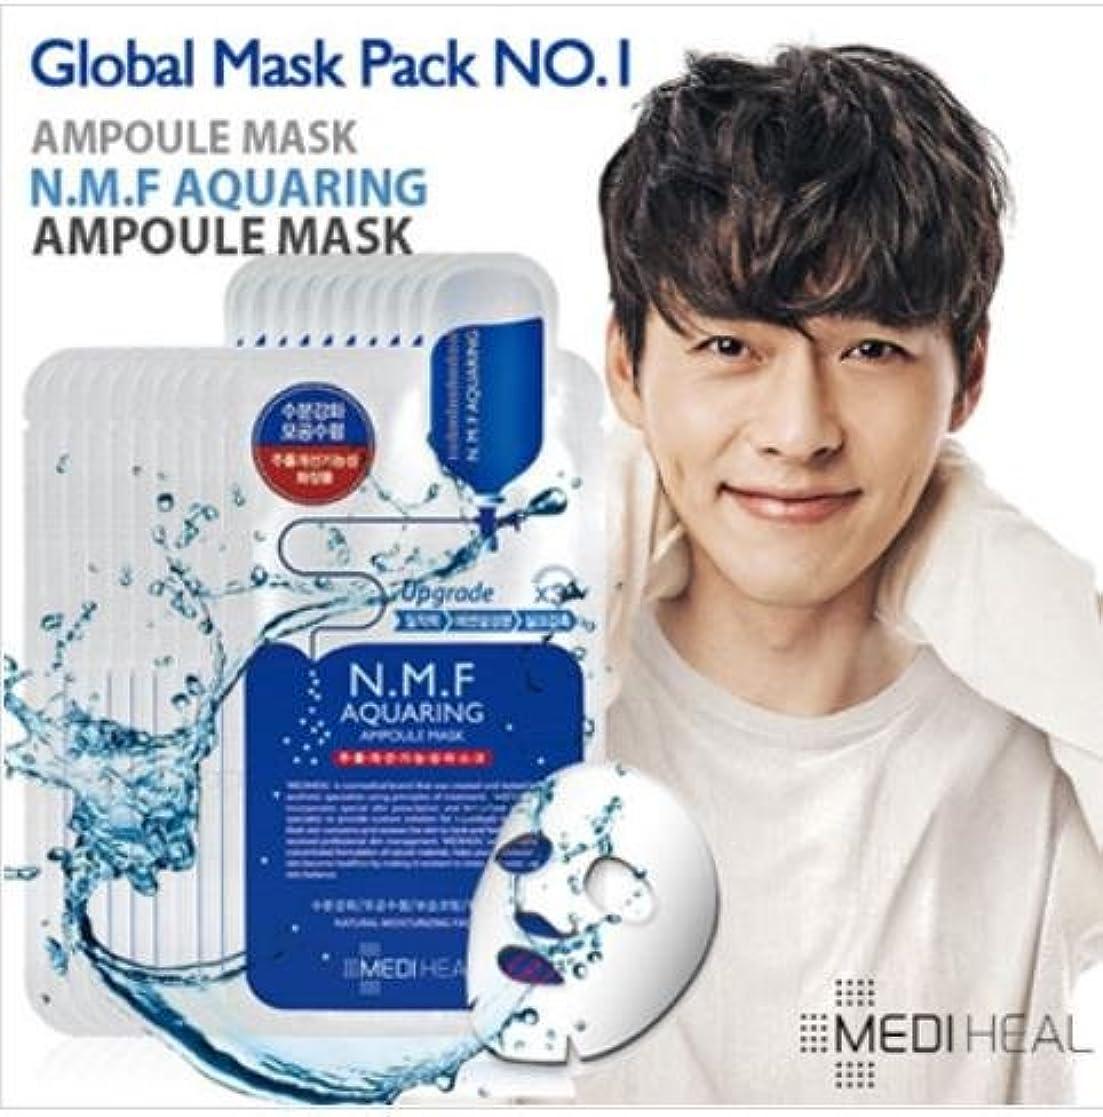 豆腐酸鳩[メディヒール] Mediheal [N.M.F アクアリング アンプルマスク (10枚)] (Mediheal N.M.F Aquaring Ampoule Mask (10EA))